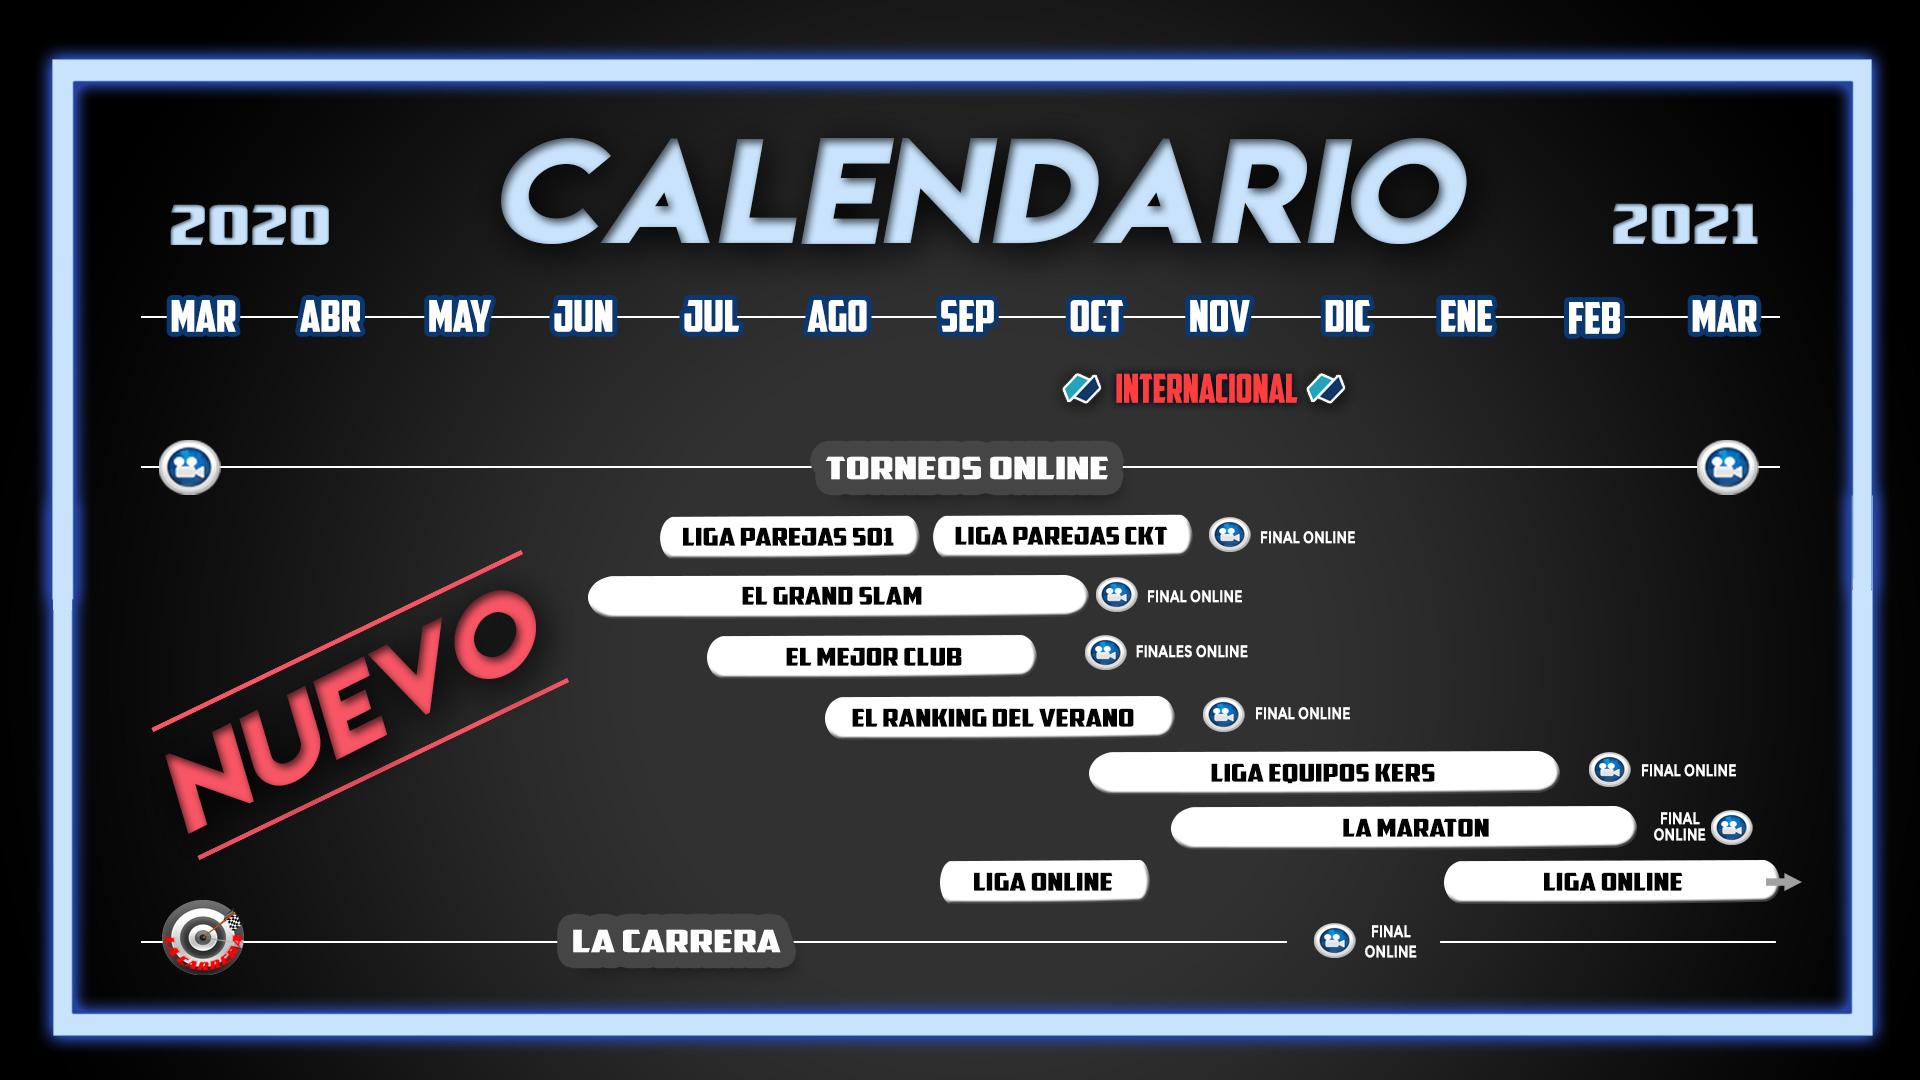 Nuevo Calendario de dardos Radikal Darts 2020